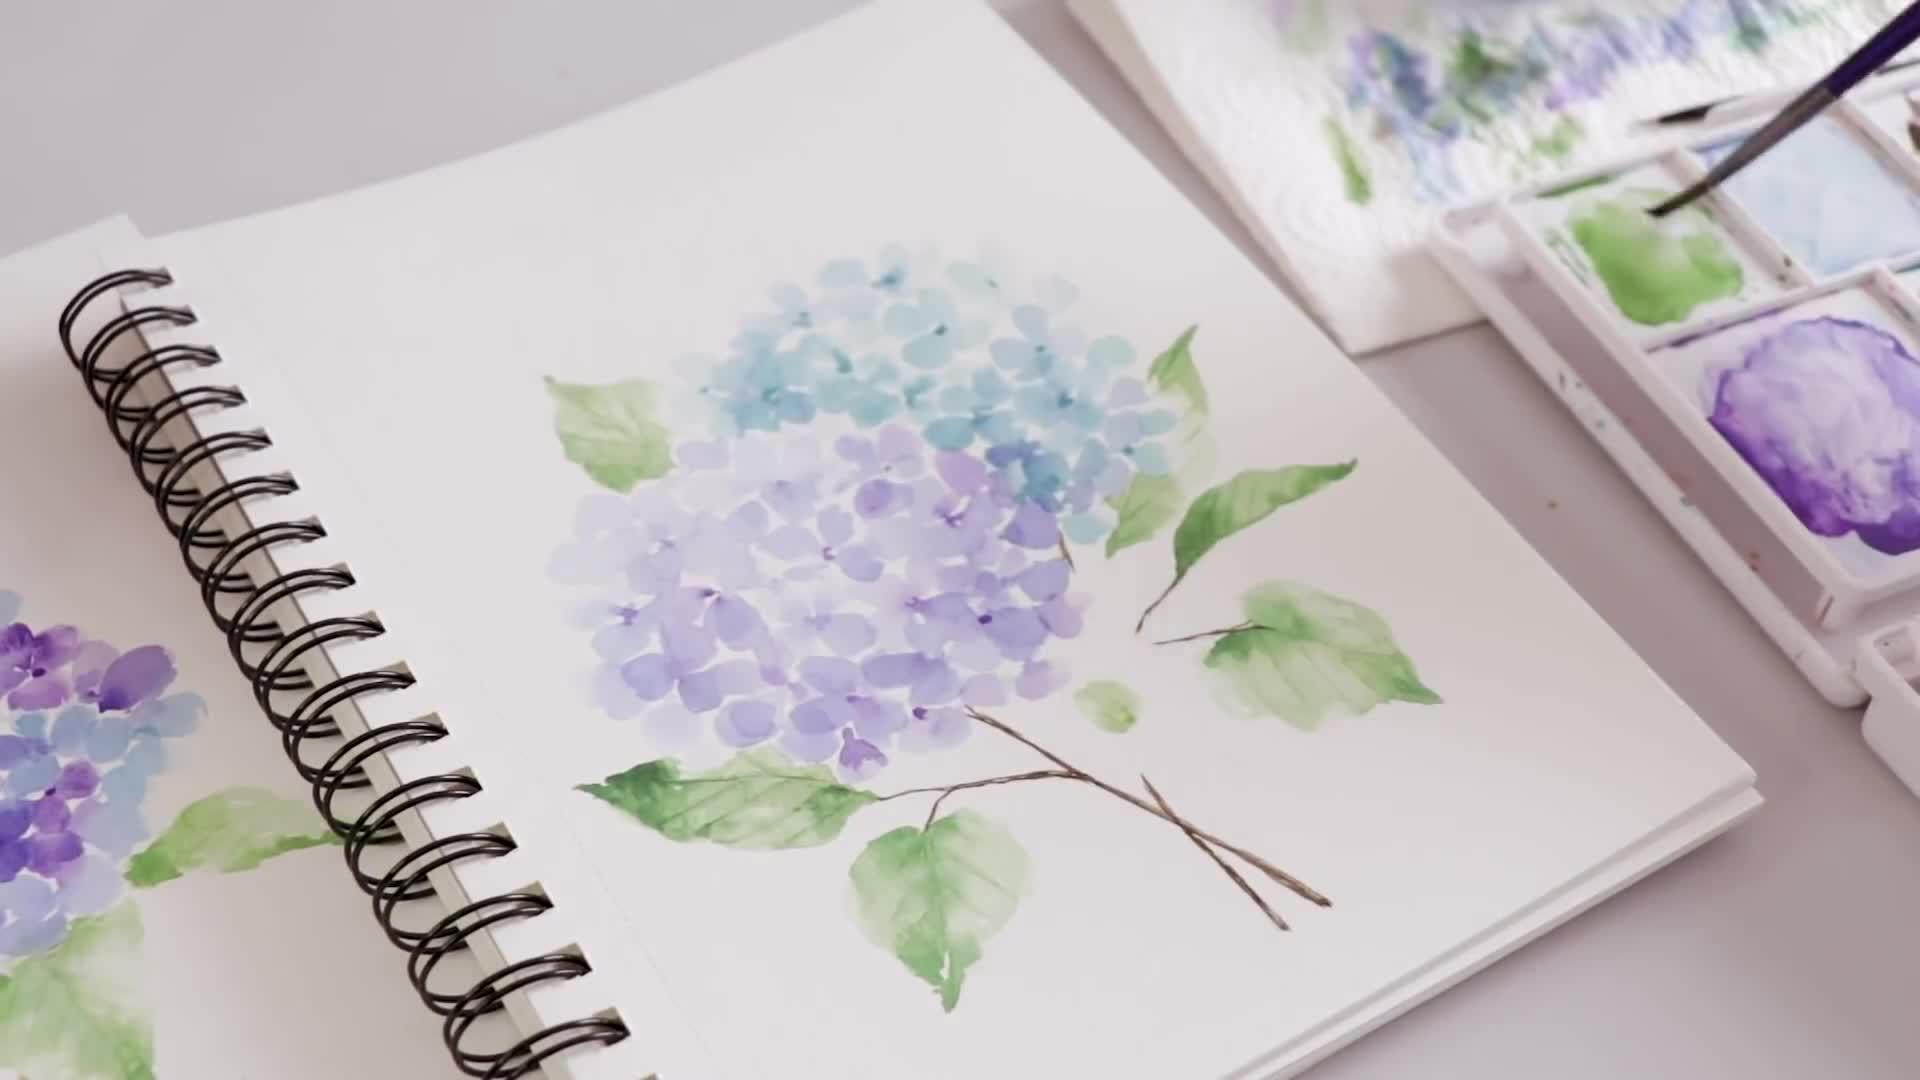 水彩画视频教程:如何画水彩绣球花?